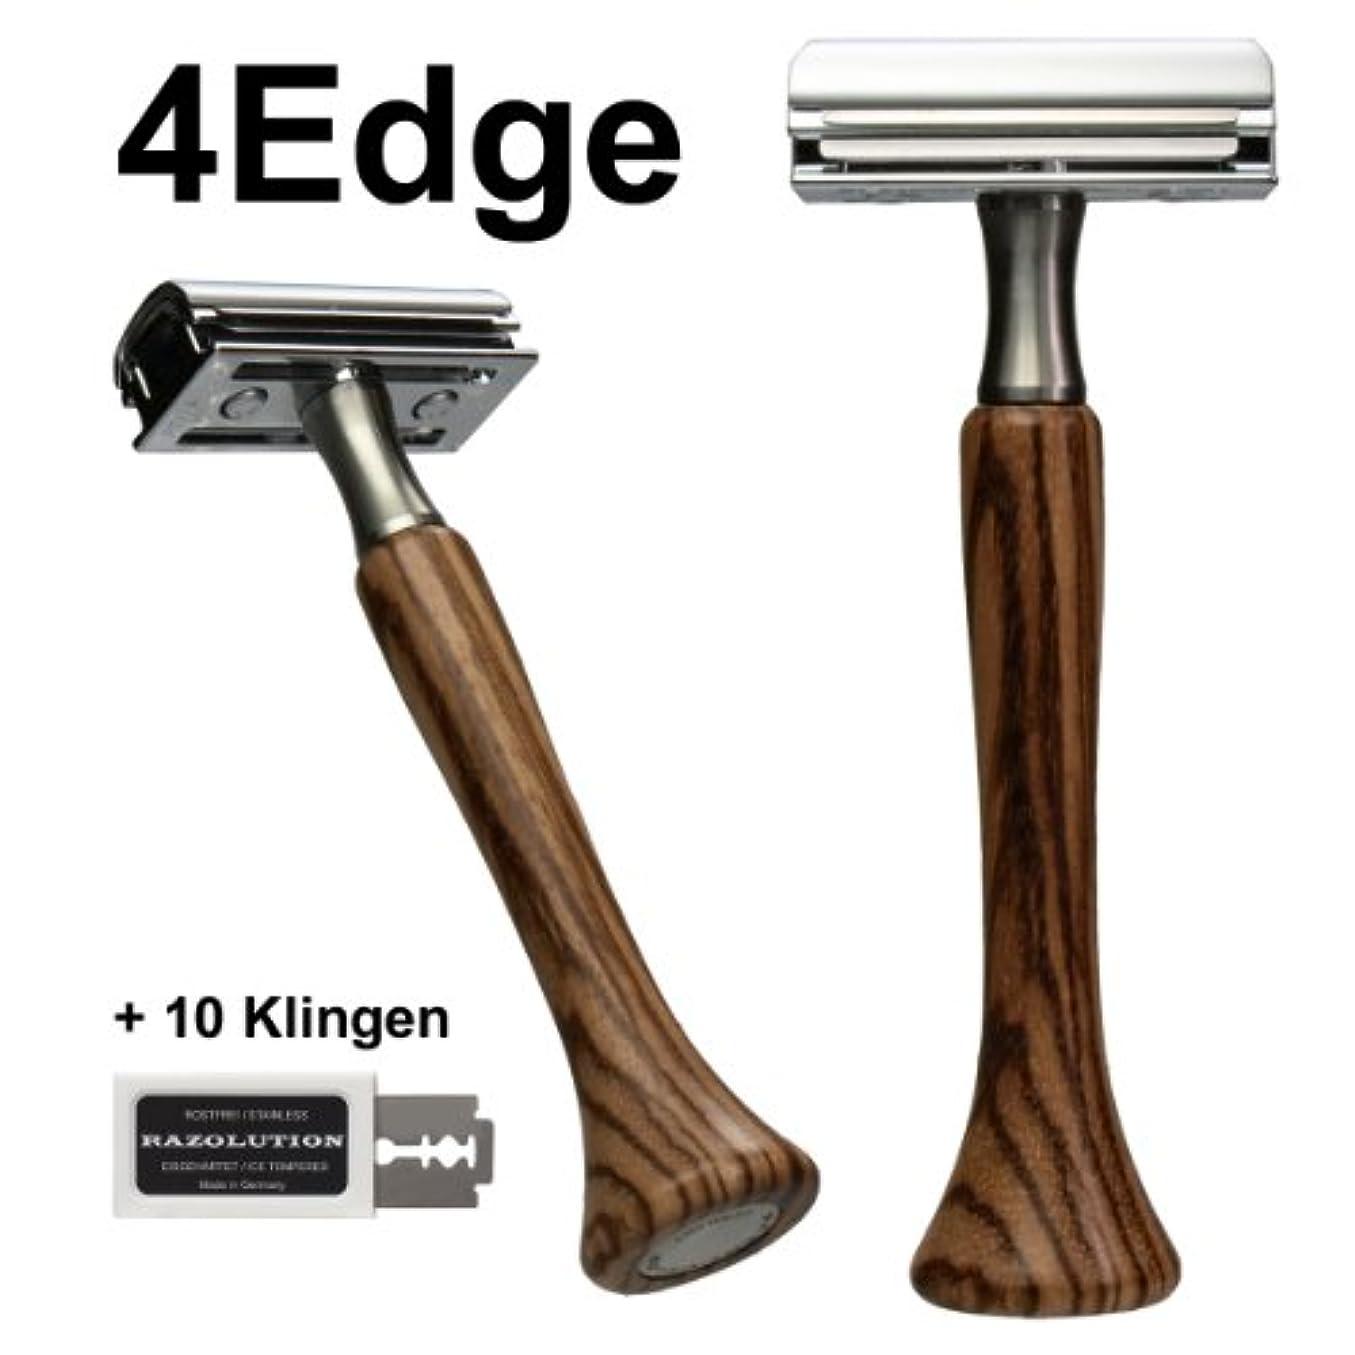 セクタ瞑想的折り目RAZOLUTION 4Edge Safety razor, Zebrano handle